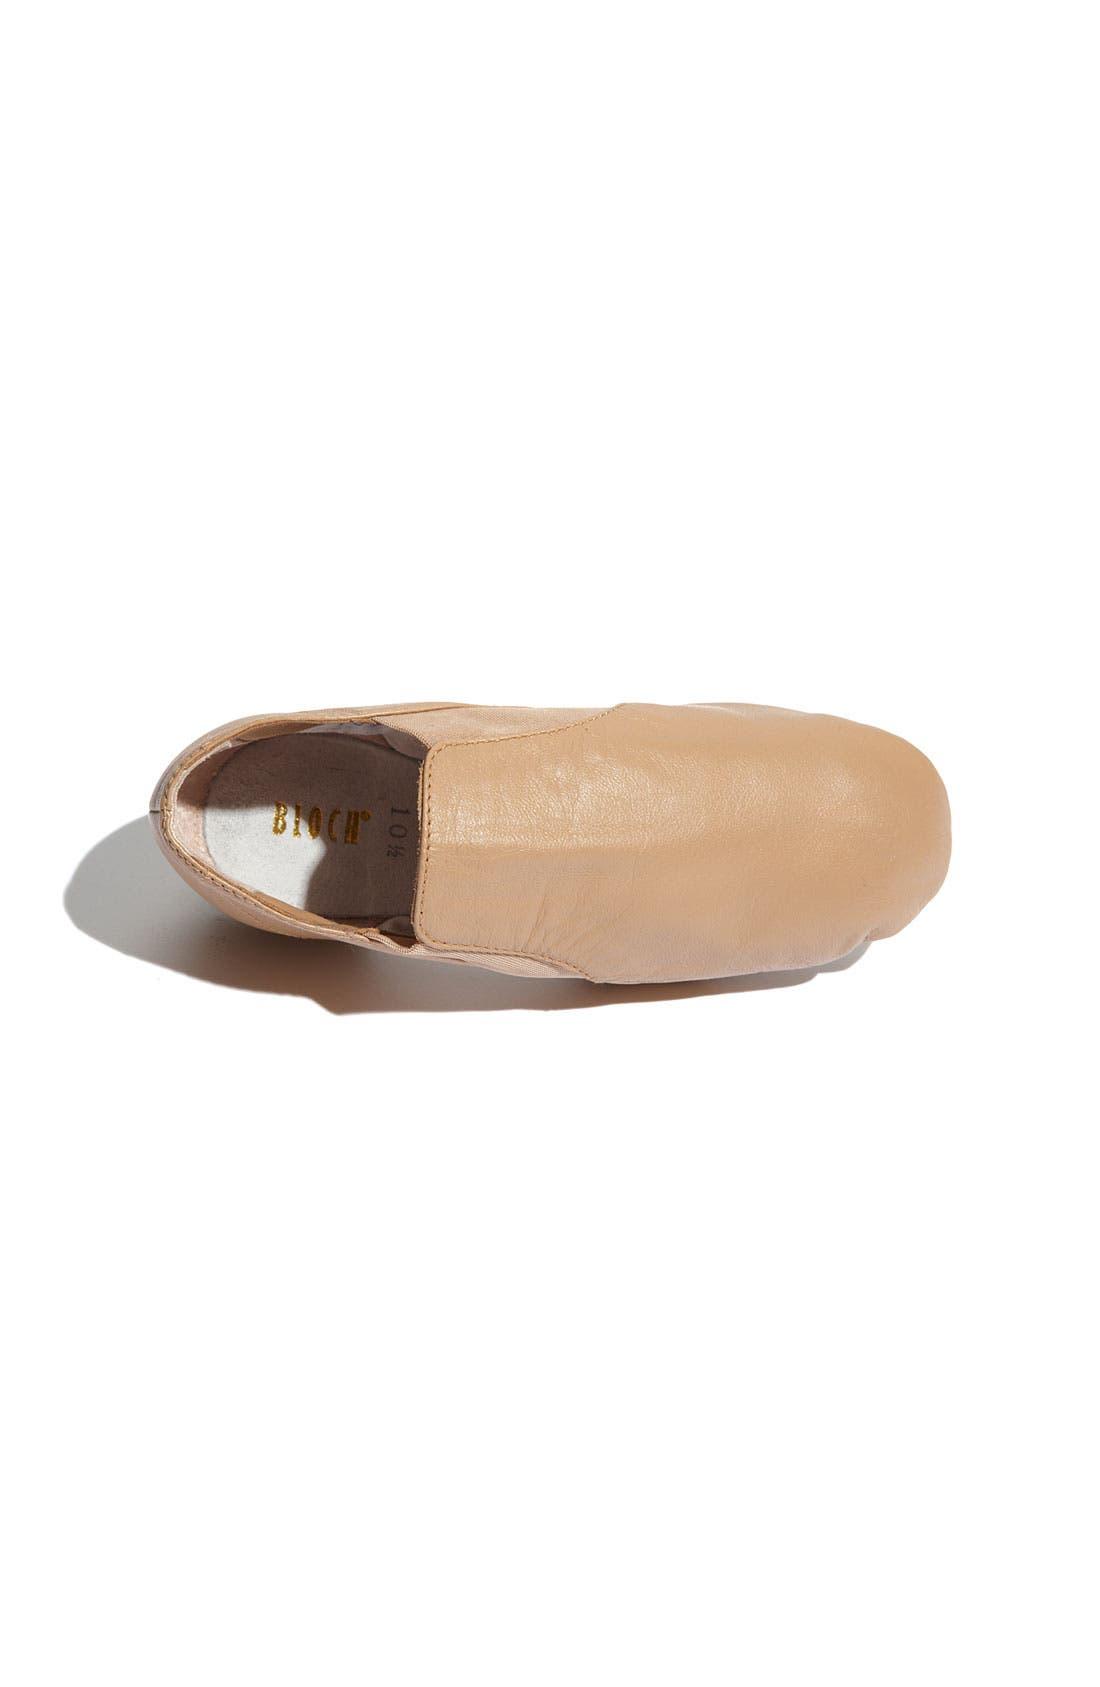 Alternate Image 3  - Bloch 'Elasta Bootie' Jazz Shoe (Toddler, Little Kid & Big Kid)